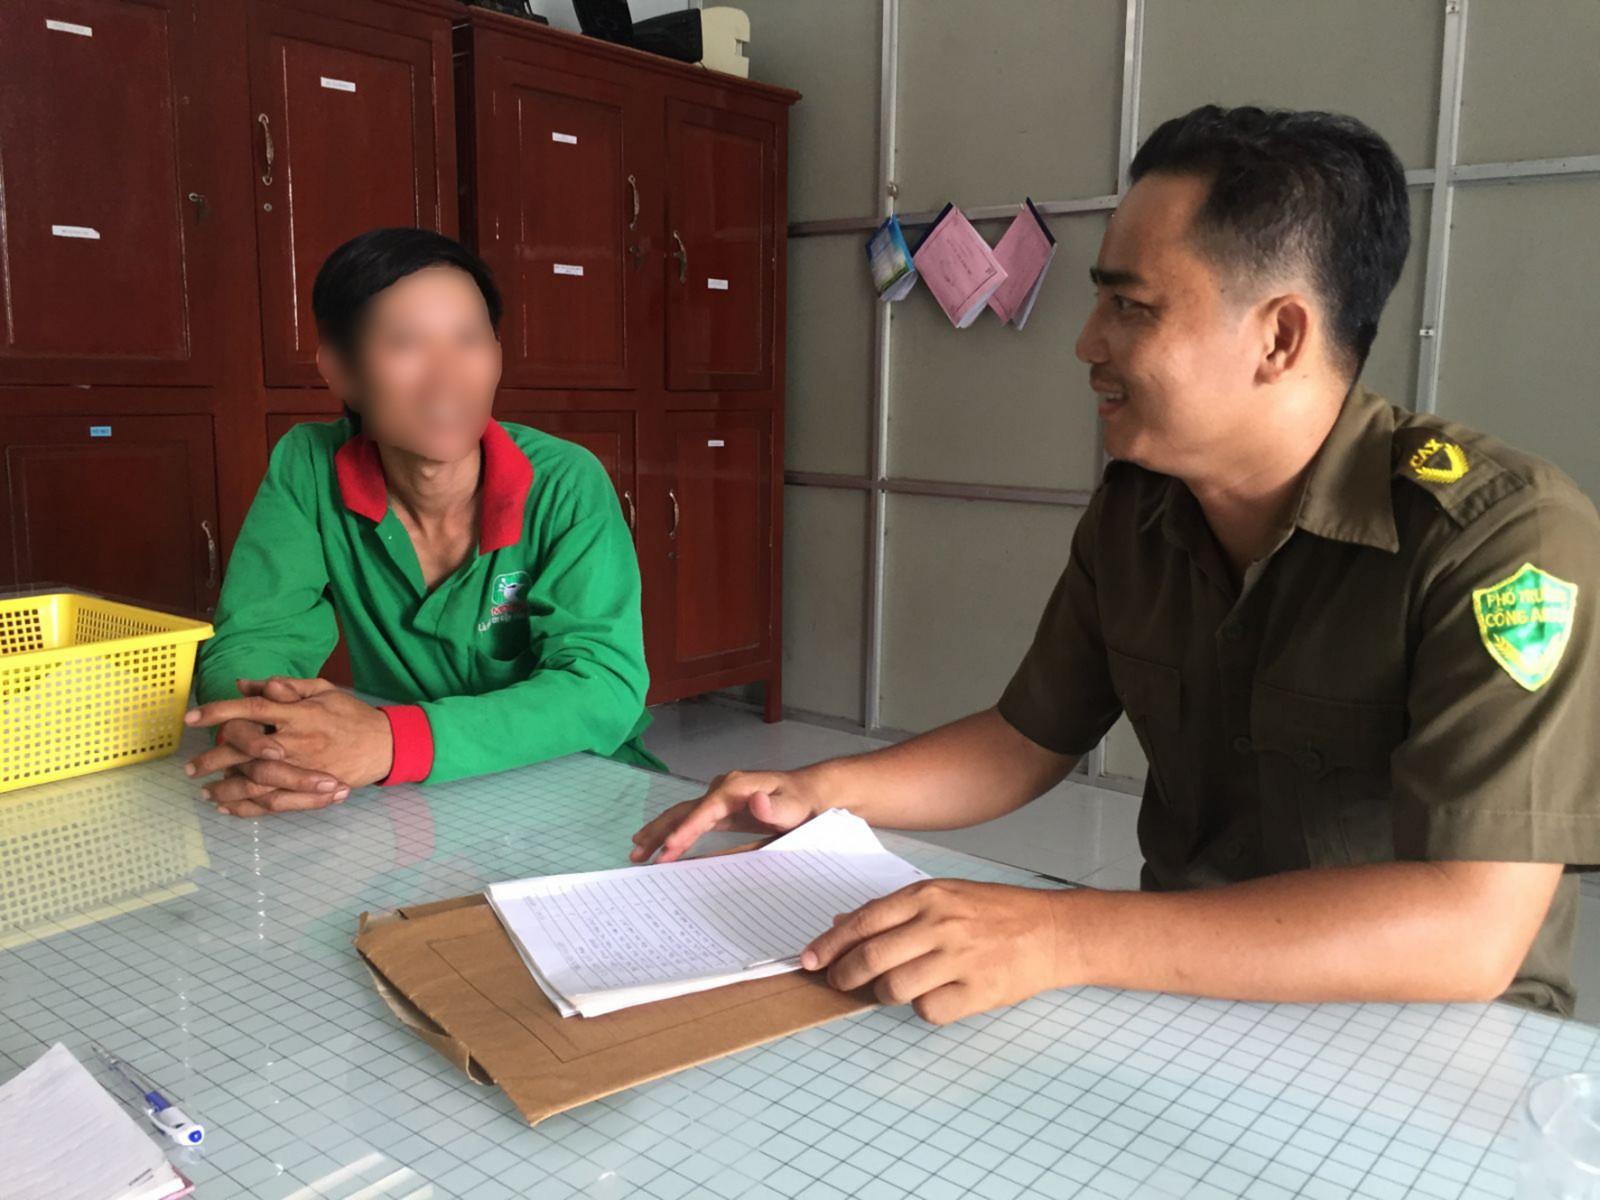 Anh Huỳnh Bé Thịnh, Trưởng Công an xã Trường Thắng thăm hỏi, động viên một đối tượng trên địa bàn. Ảnh: CHẤN HƯNG